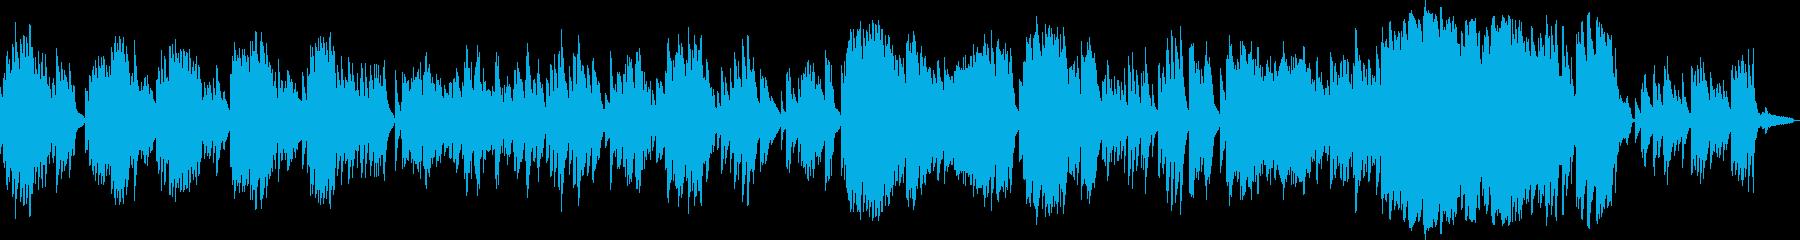 おしゃれで優雅で切ないラウンジ風ピアノの再生済みの波形